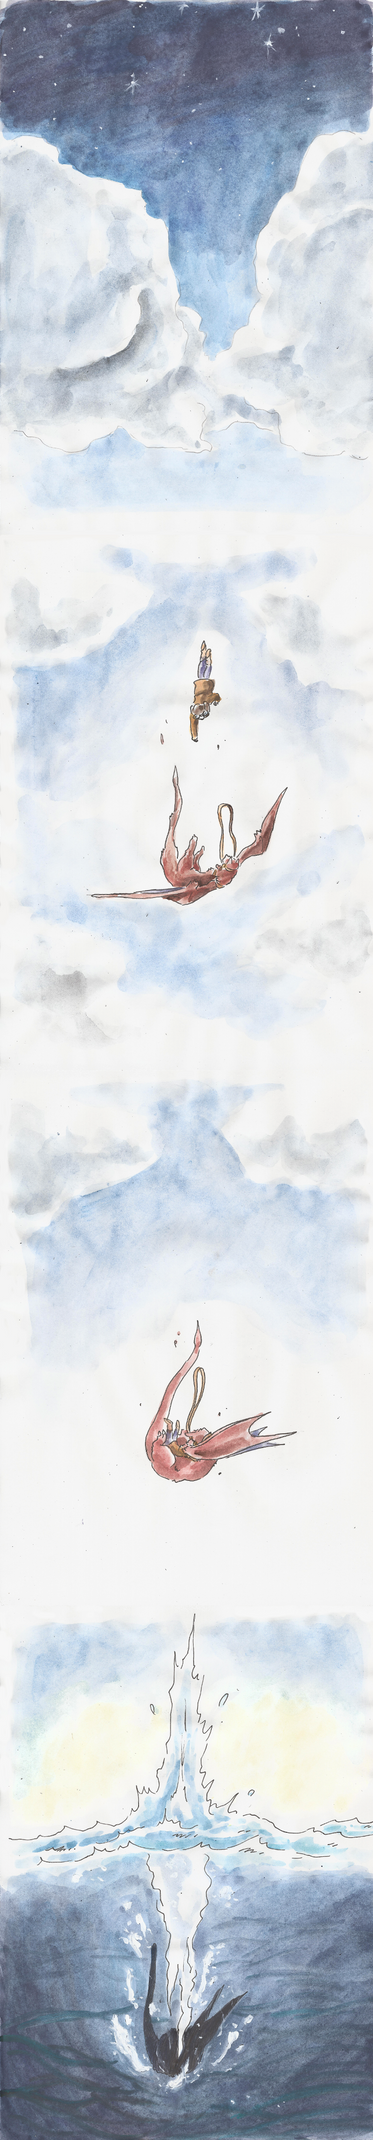 Freefall by Doragon-Ya